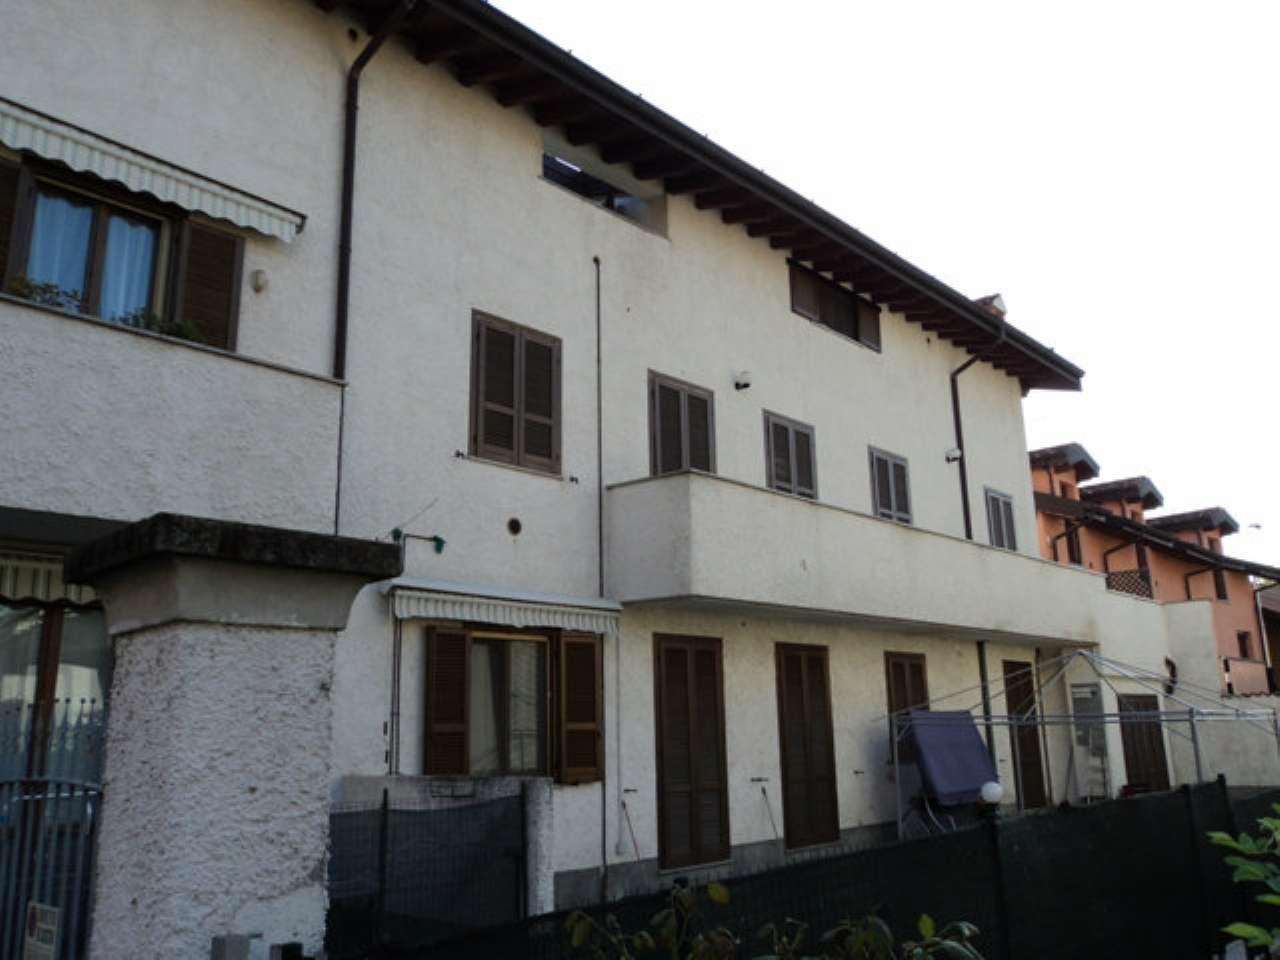 Appartamento in affitto a San Giuliano Milanese, 3 locali, prezzo € 750 | Cambio Casa.it